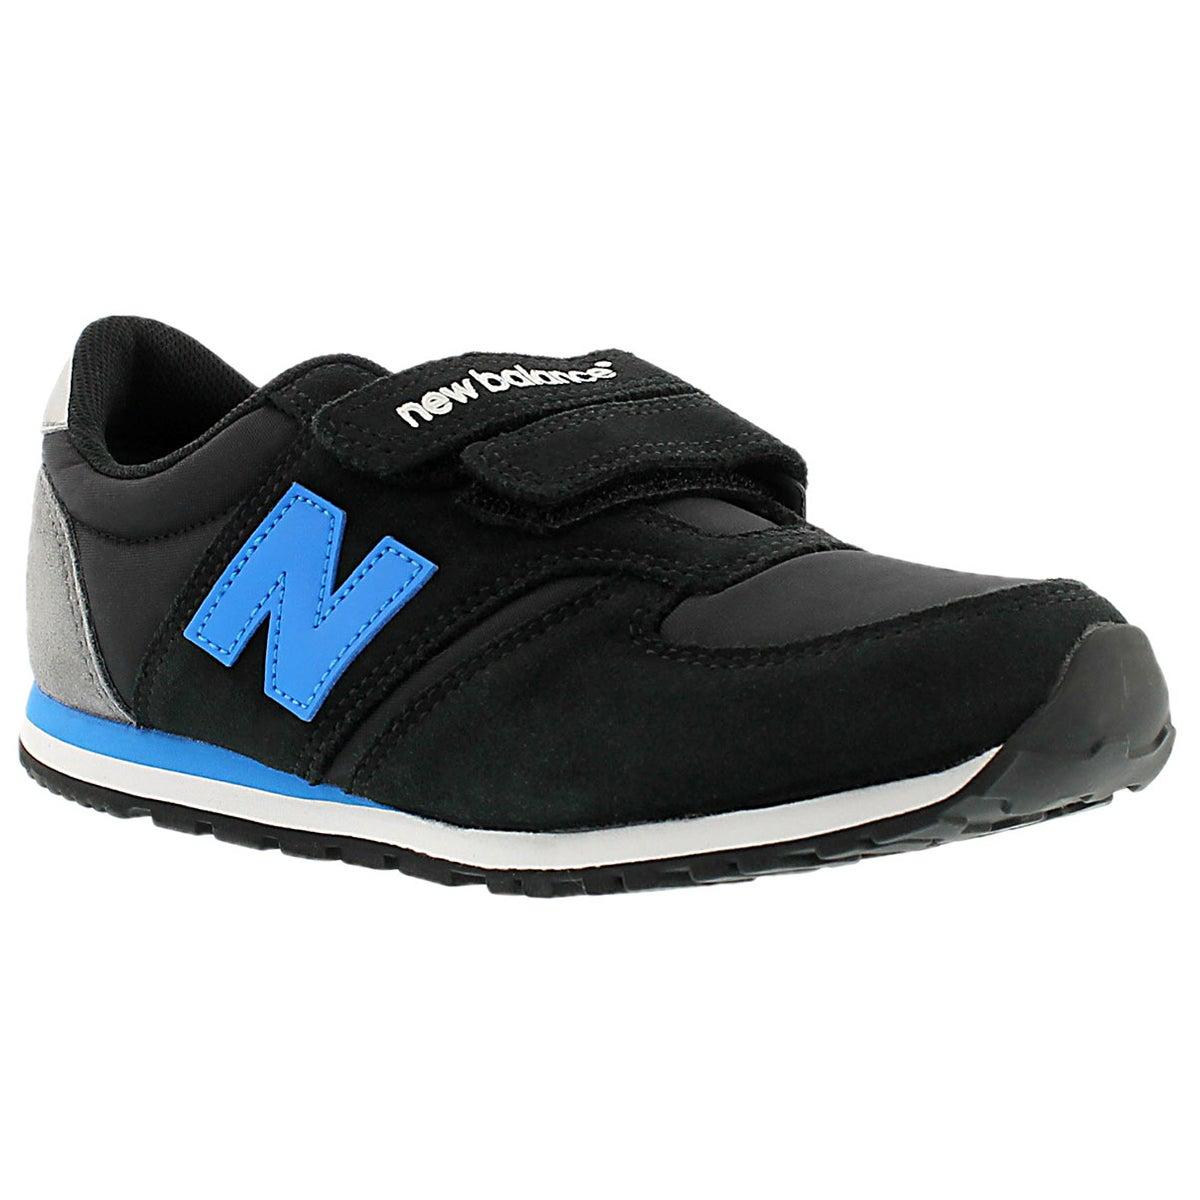 Bys 420 black/blue hook & loop sneaker